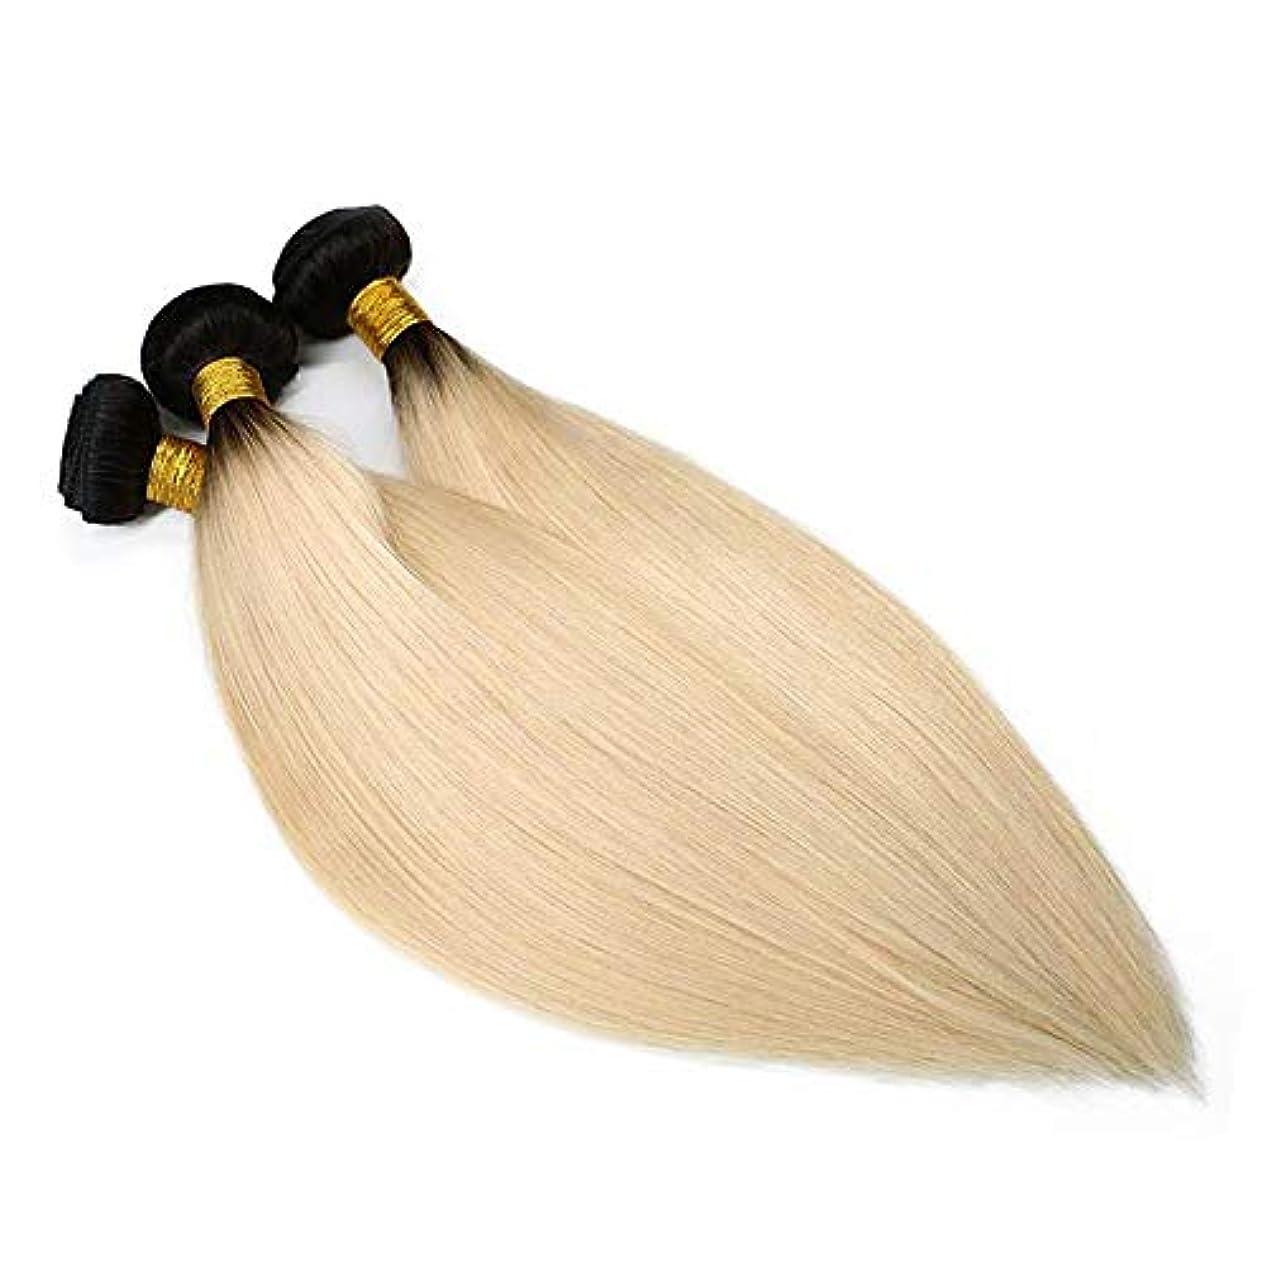 ひいきにするハウジング伝えるWASAIO 100グラム)、ヘアエクステンションブラジルバンドルヒト織り横糸Unbowed#1B / 613ブロンド18インチ(1つのバンドル (色 : Blonde, サイズ : 12 inch)